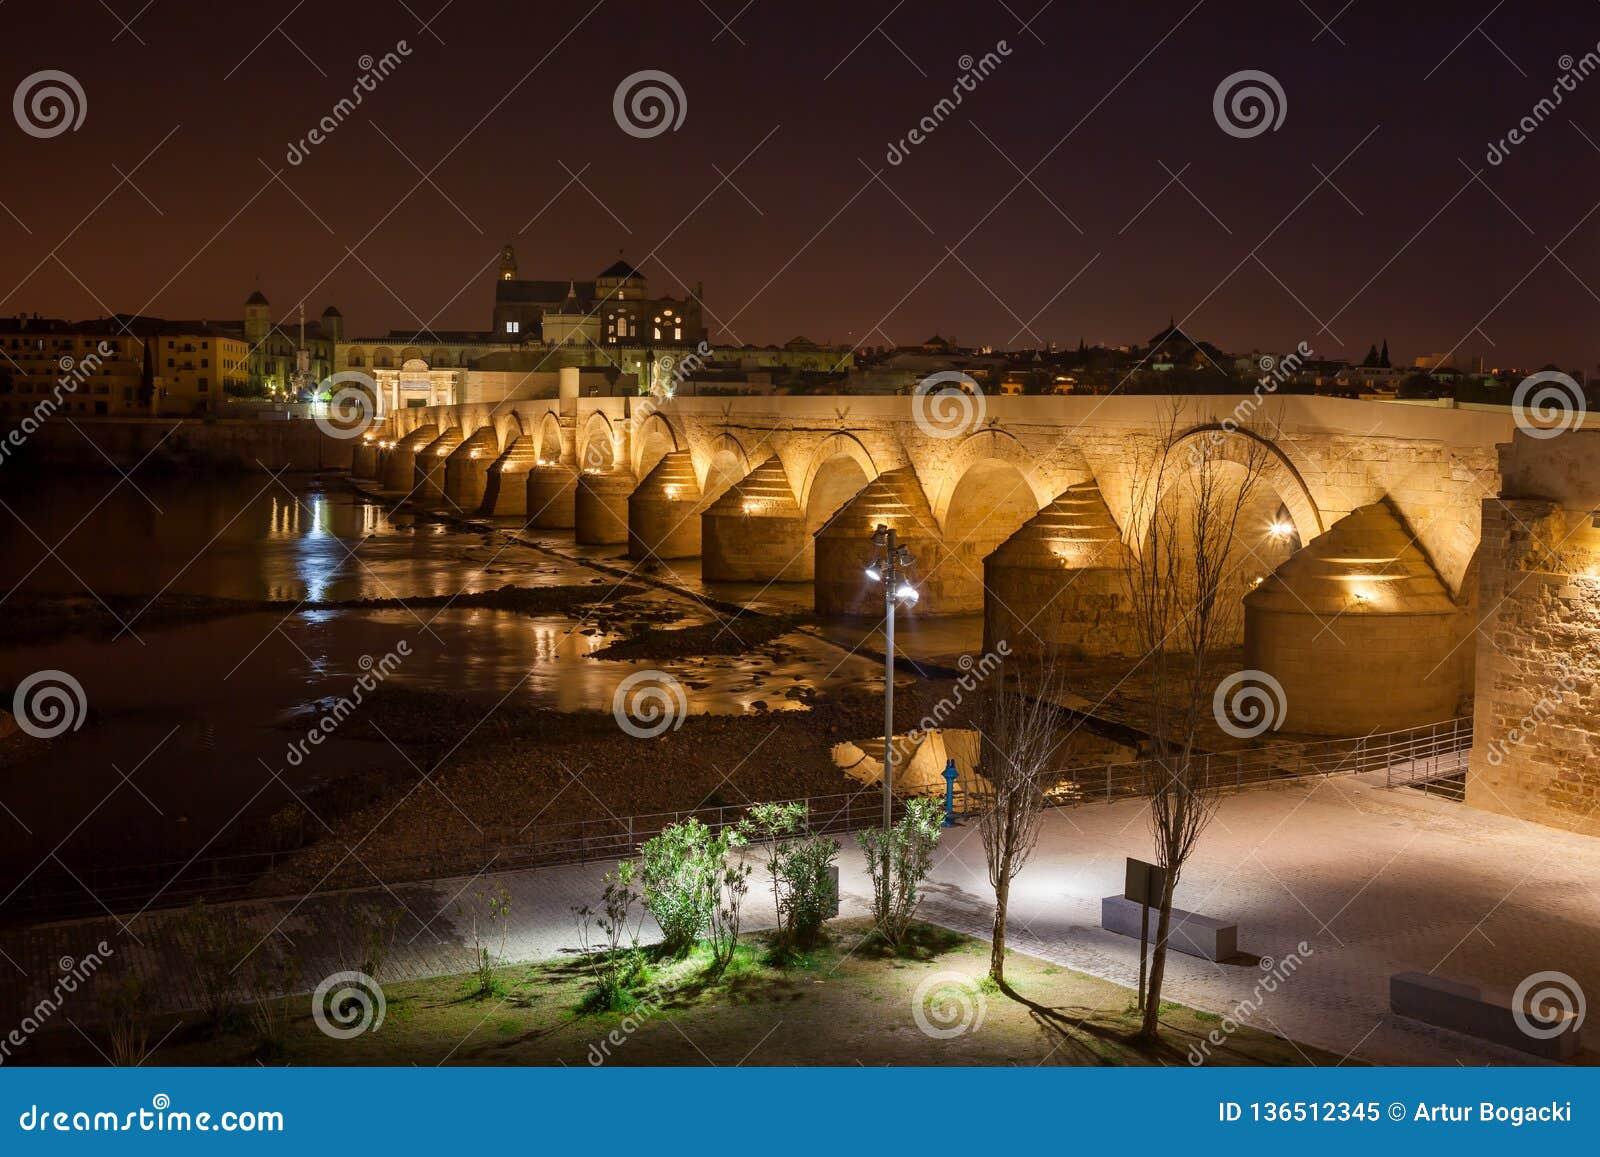 Puente Romano in Cordoba at Night